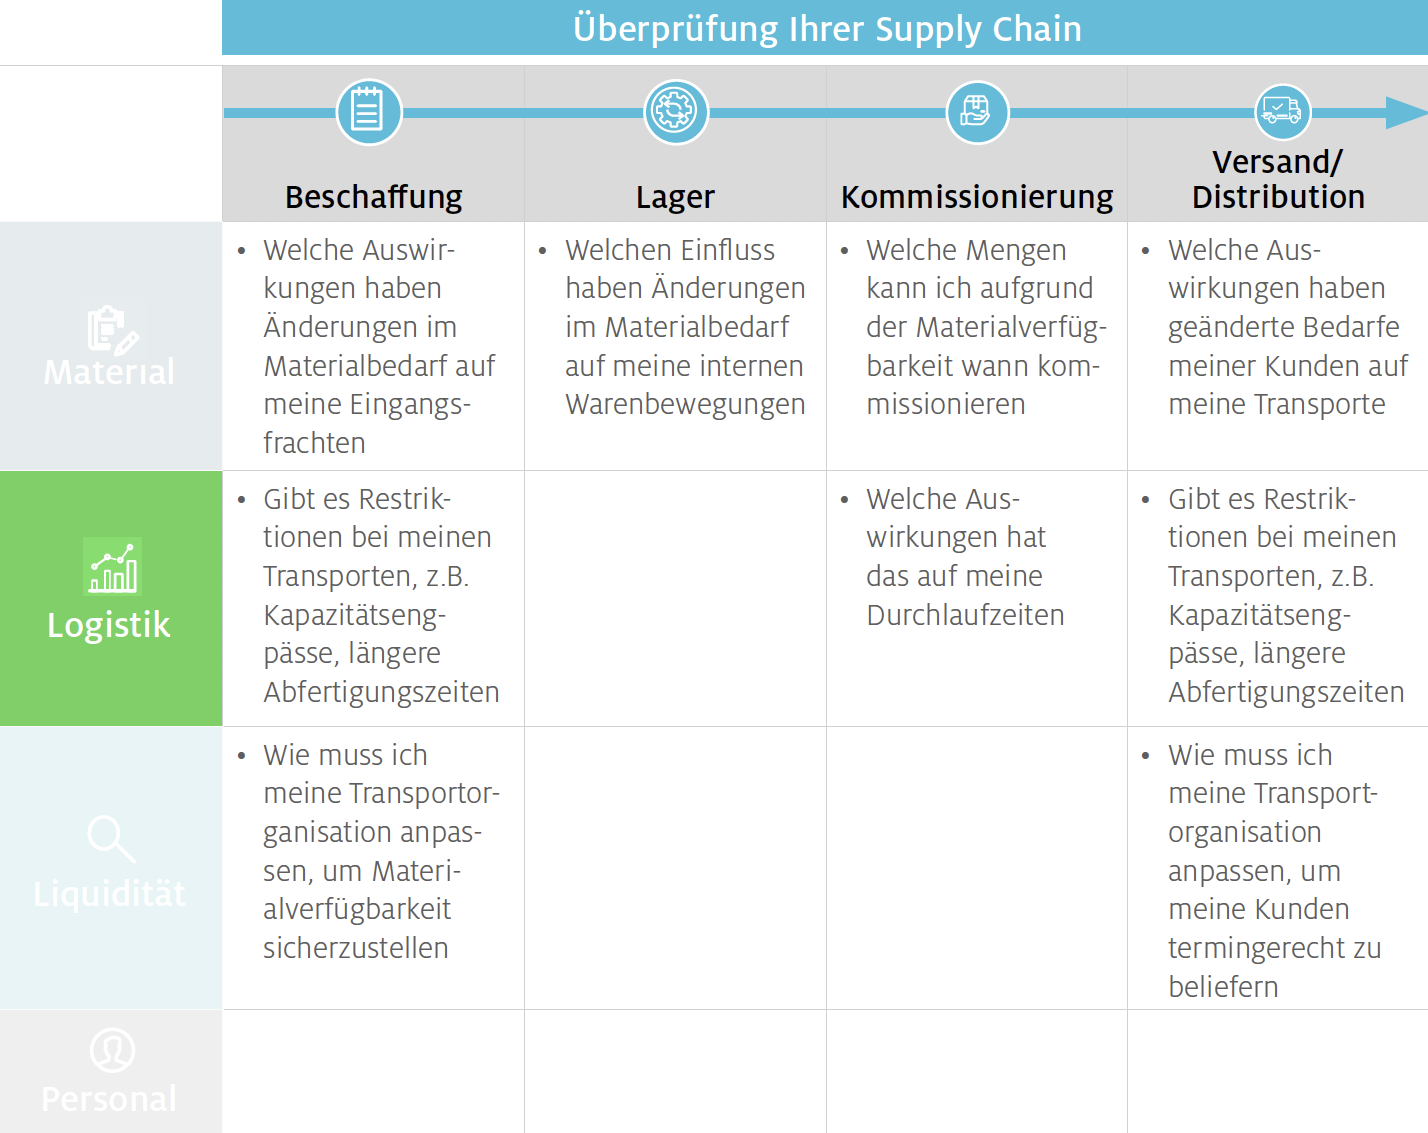 Logistik – stellen Sie ausreichende Transport-Kapazitäten sicher